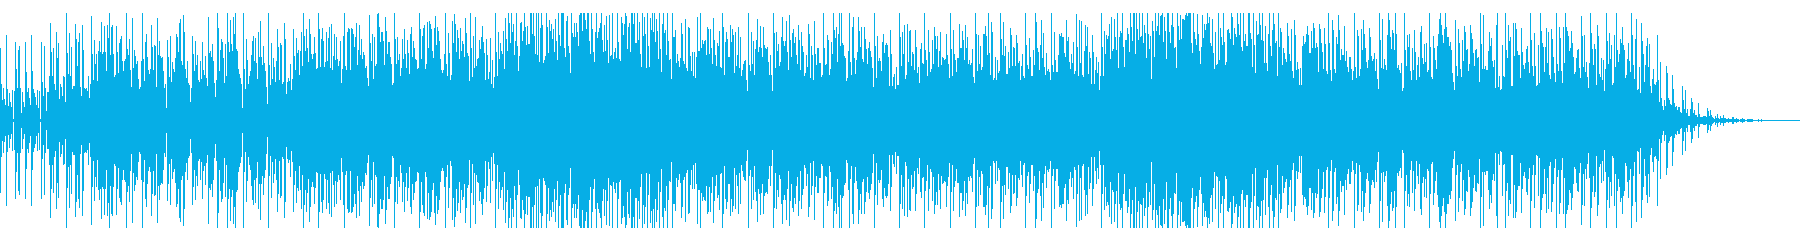 アーバンでメランコリックなボサノヴァの再生済みの波形